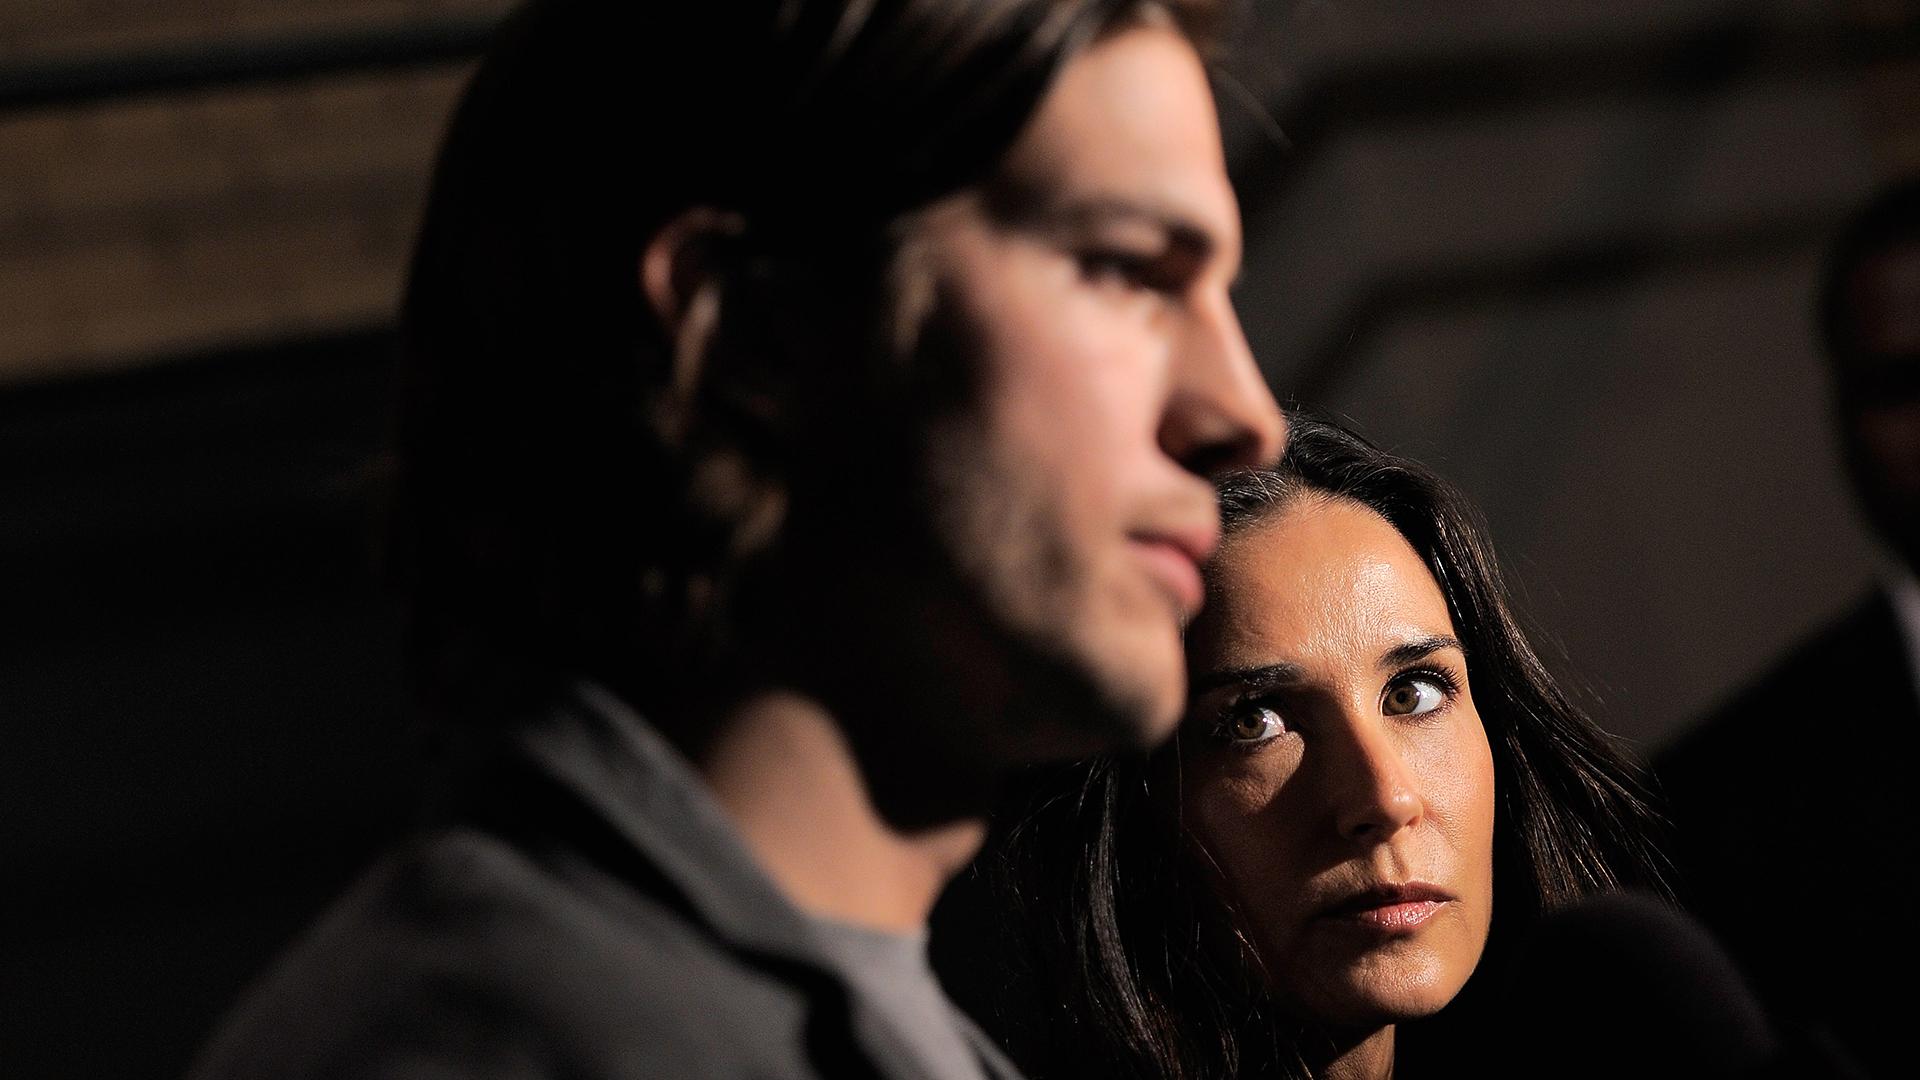 Ashton Kutcher reveals Demi Moore divorce led to spirit ...